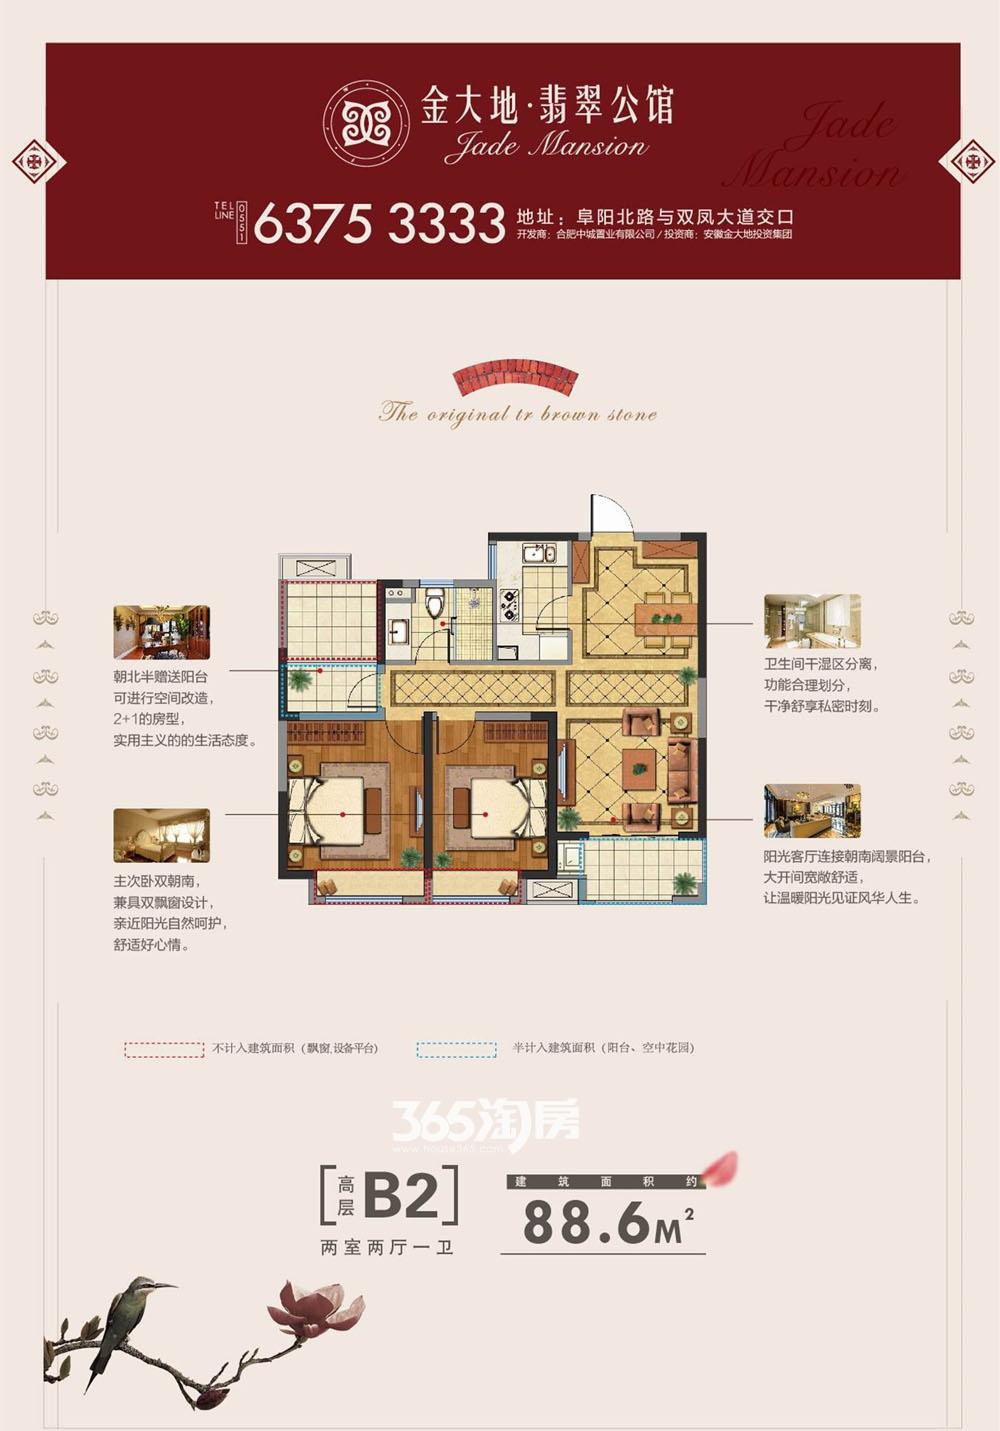 金大地翡翠公馆高层B2户型2+1室